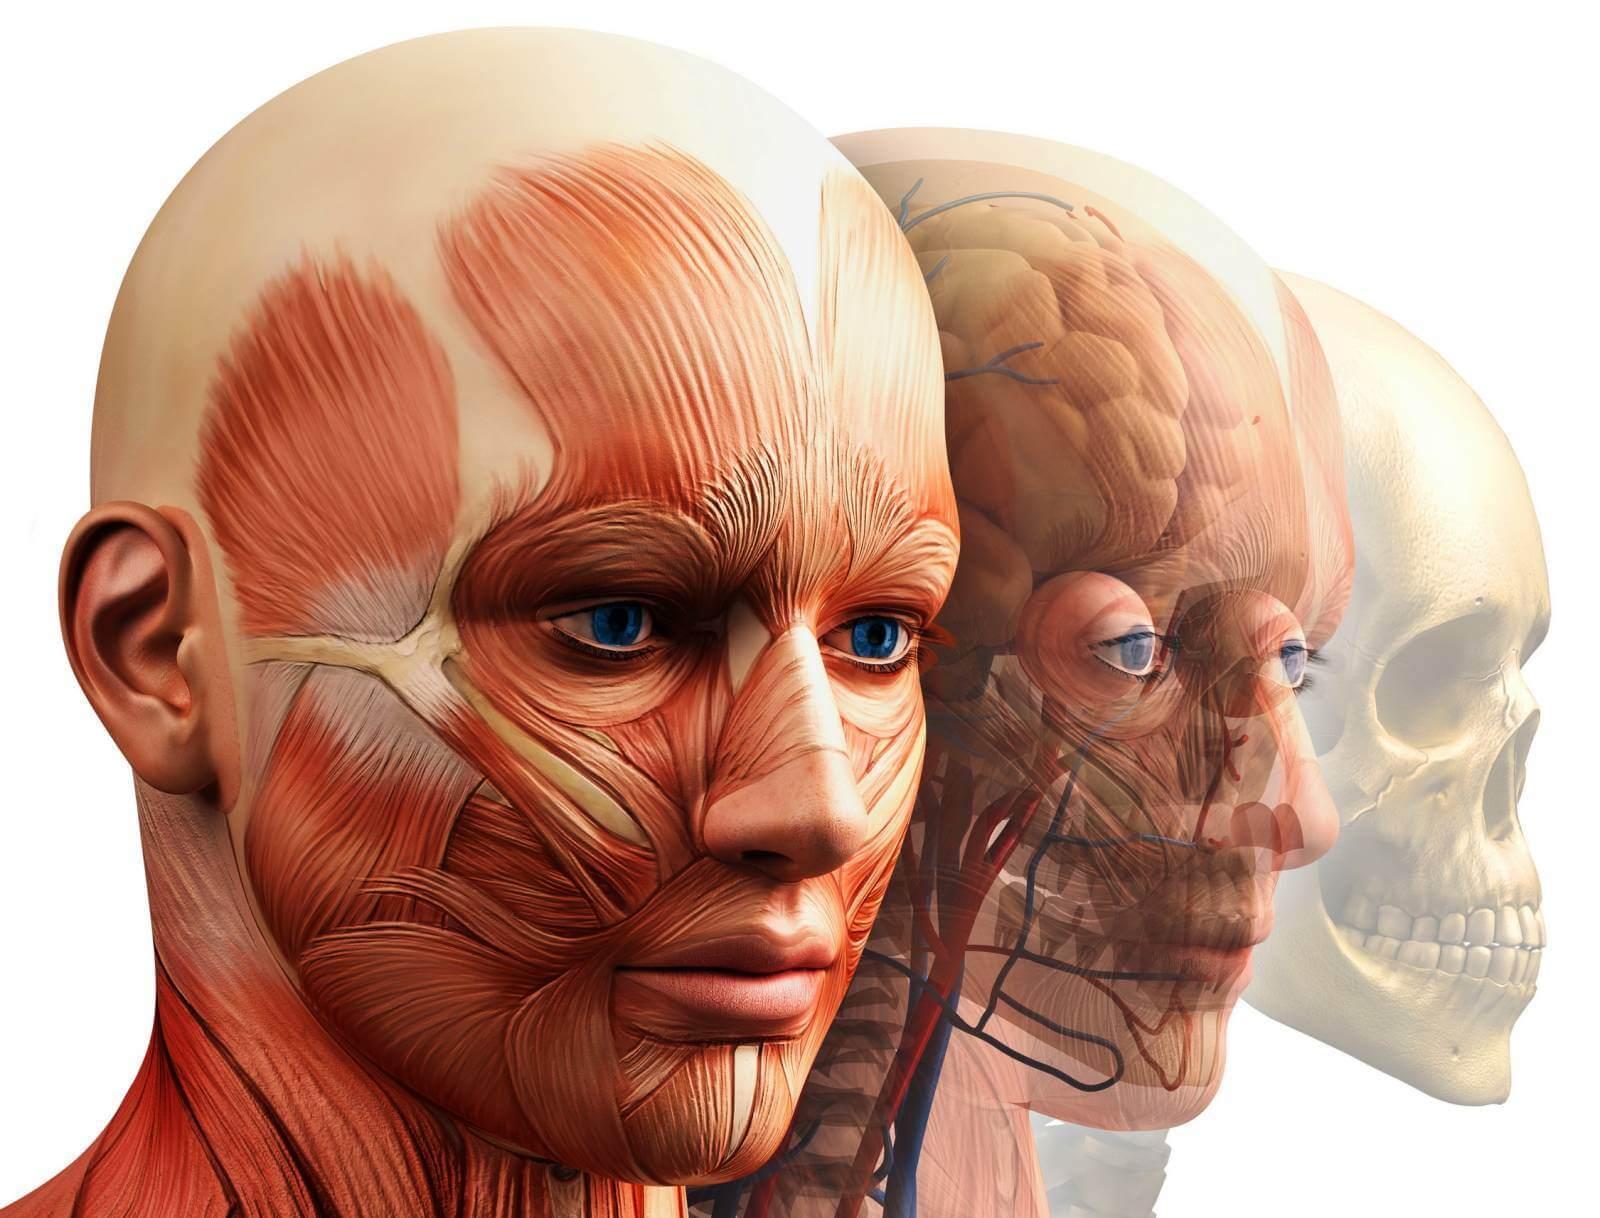 Мышцы глаза: анатомия и возможные нарушения в их функционировании